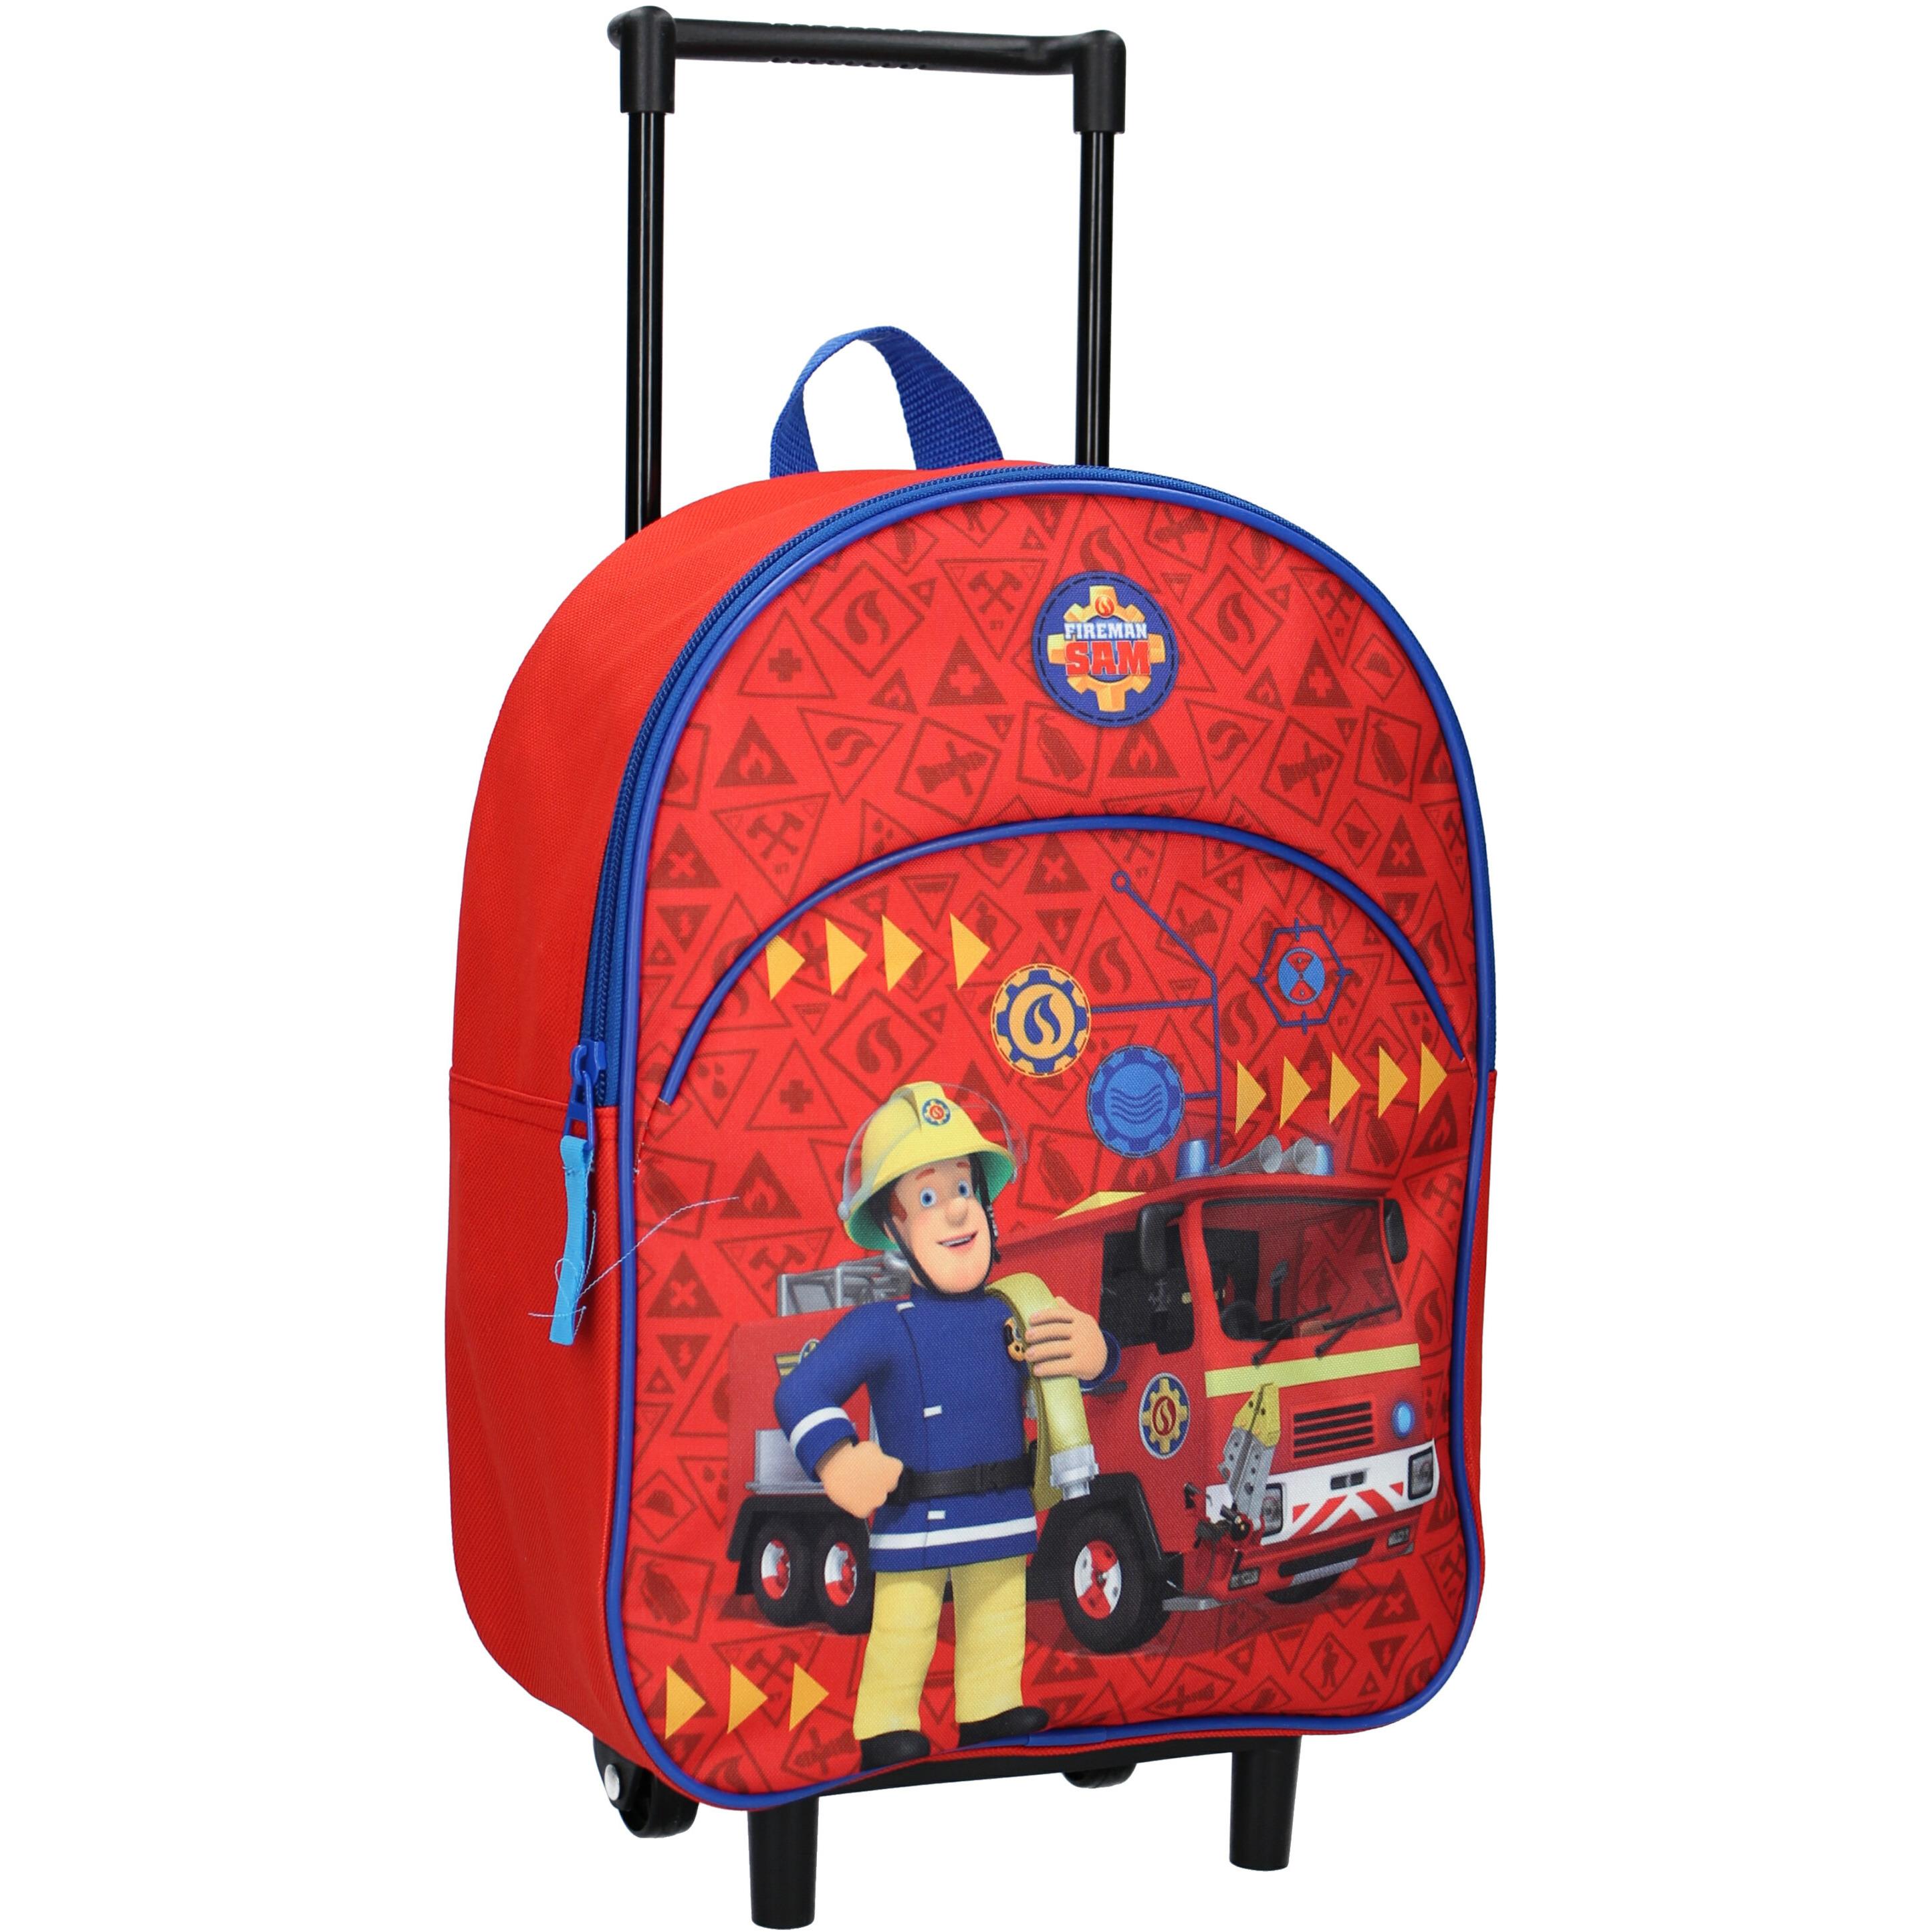 Brandweerman Sam handbagage koffer-weekendtas voor jongens-meisjes-kinderen